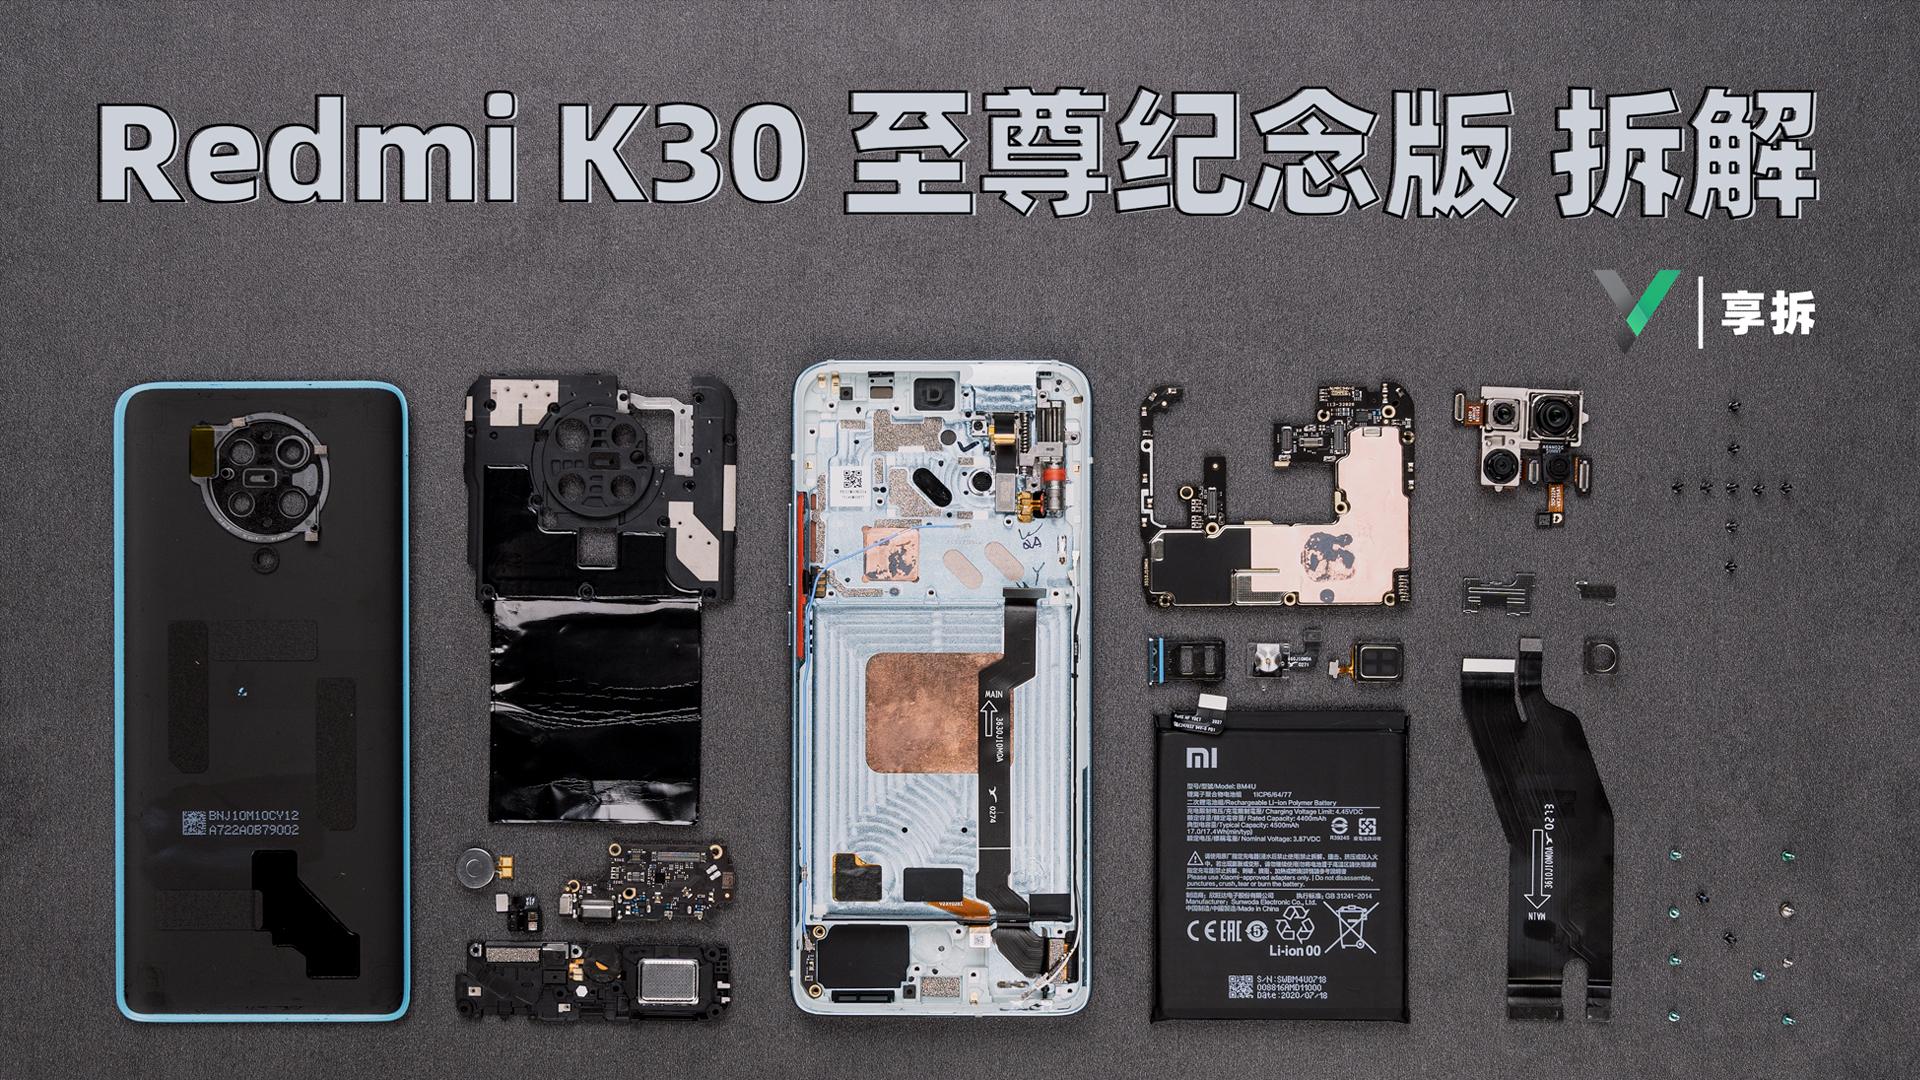 【享拆】Redmi K30 至尊纪念版互动拆解:十年之前,十年之后